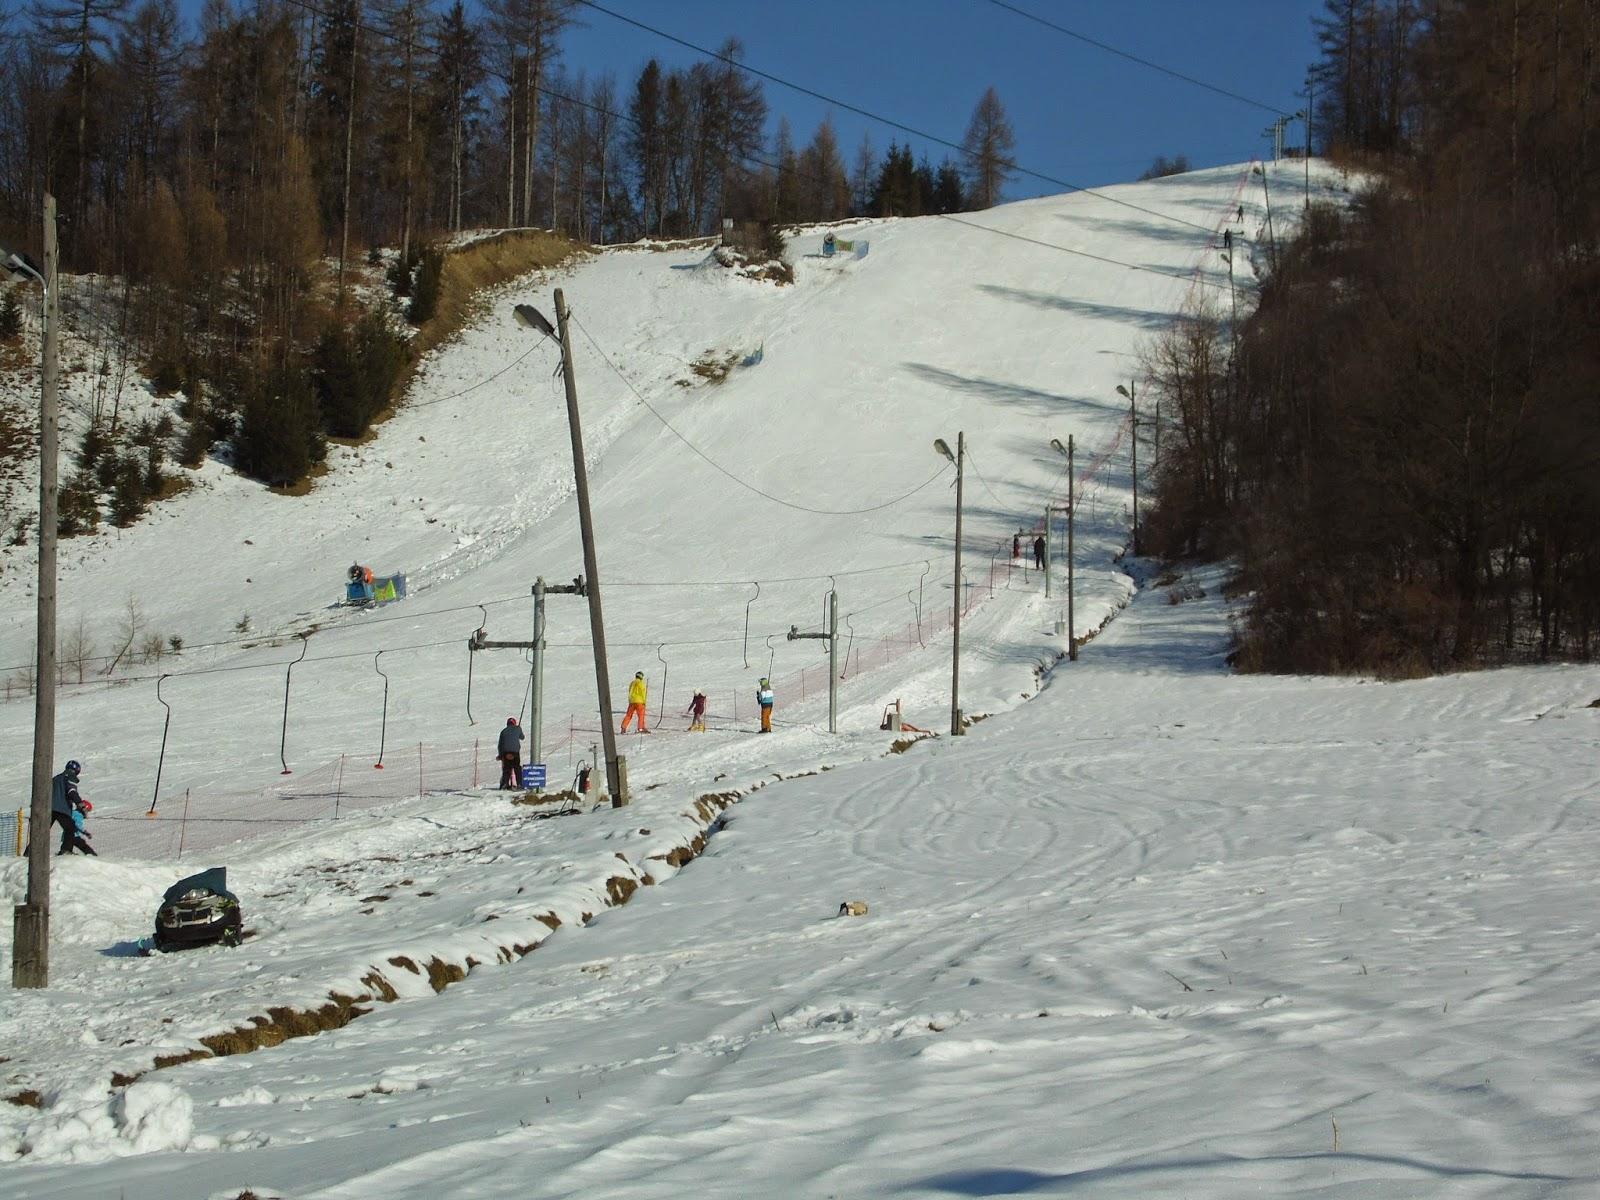 Krościenko wyciąg narciarski Stajkowa